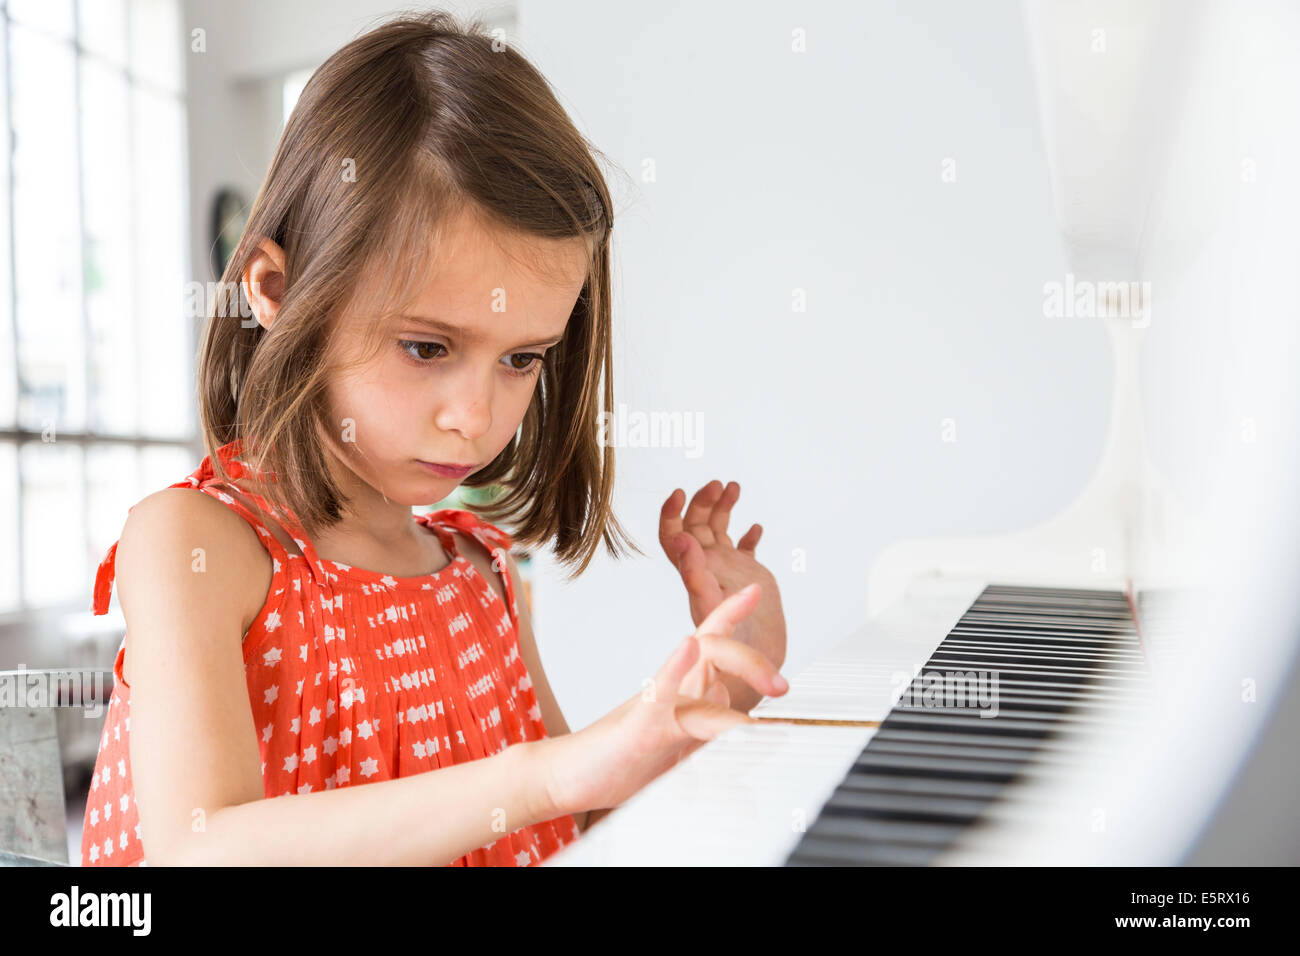 Niña de 5 años tocando el piano. Imagen De Stock